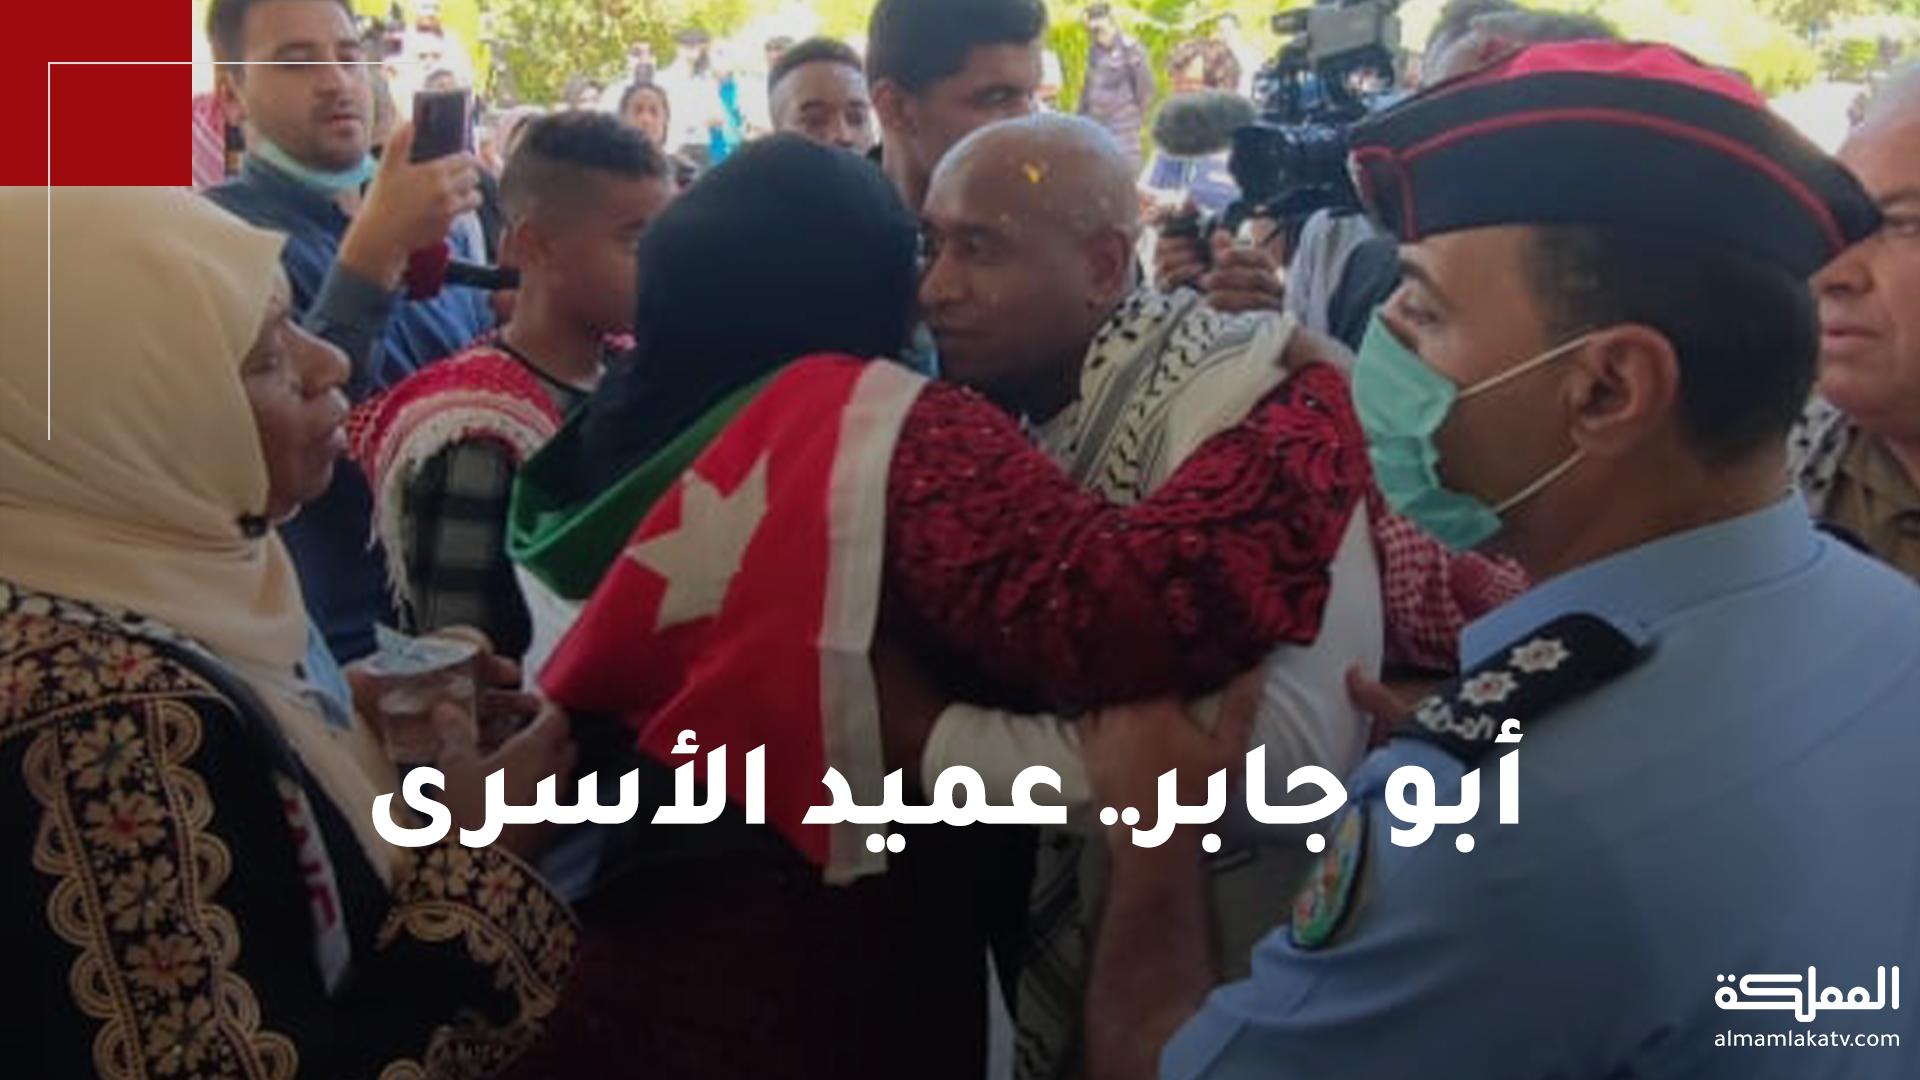 عبدالله أبو جابر عميد الأسرى الأردنيين لدى الاحتلال الإسرائيلي يتنفس الحرية